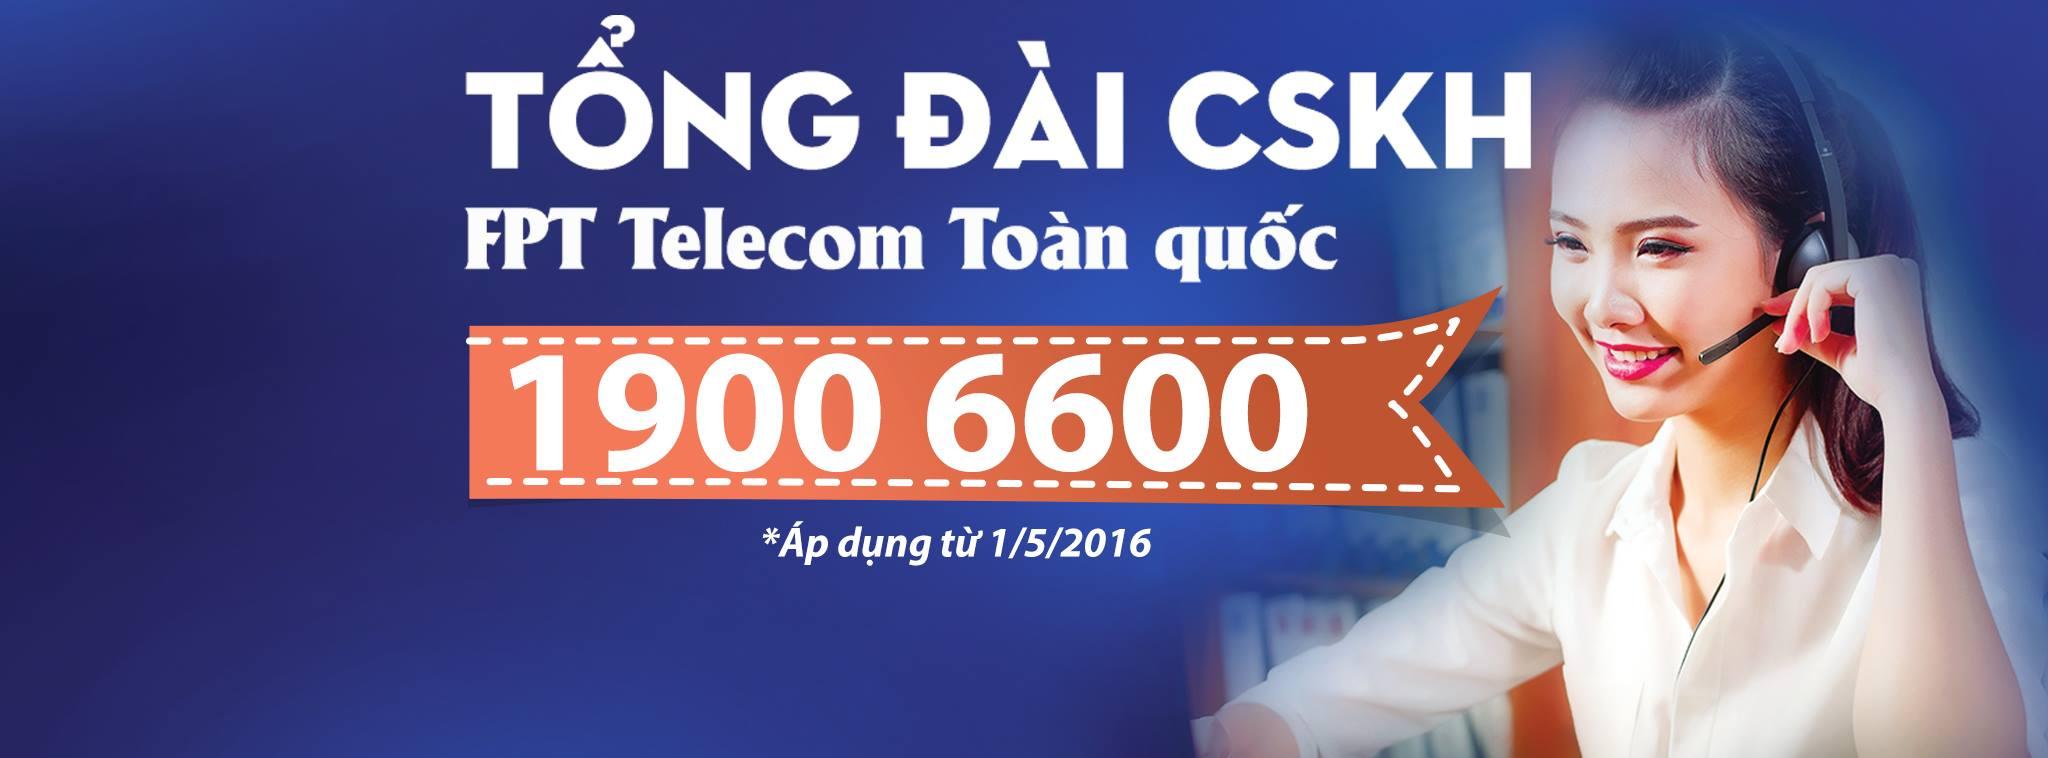 1900.6600 là số điện thoại Tổng đài FPT